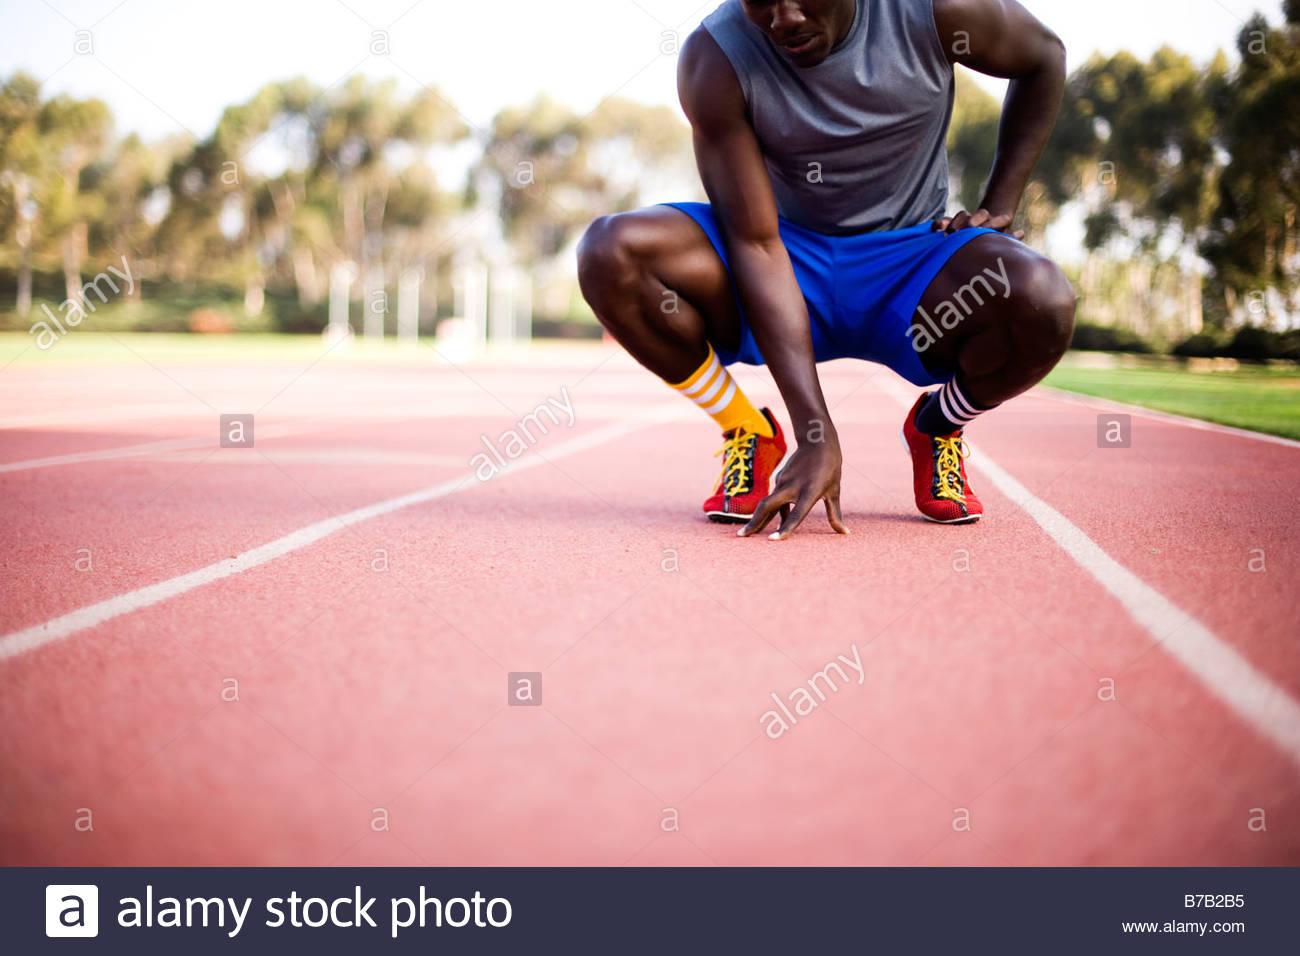 El corredor estadounidense africana en cuclillas en la vía Imagen De Stock